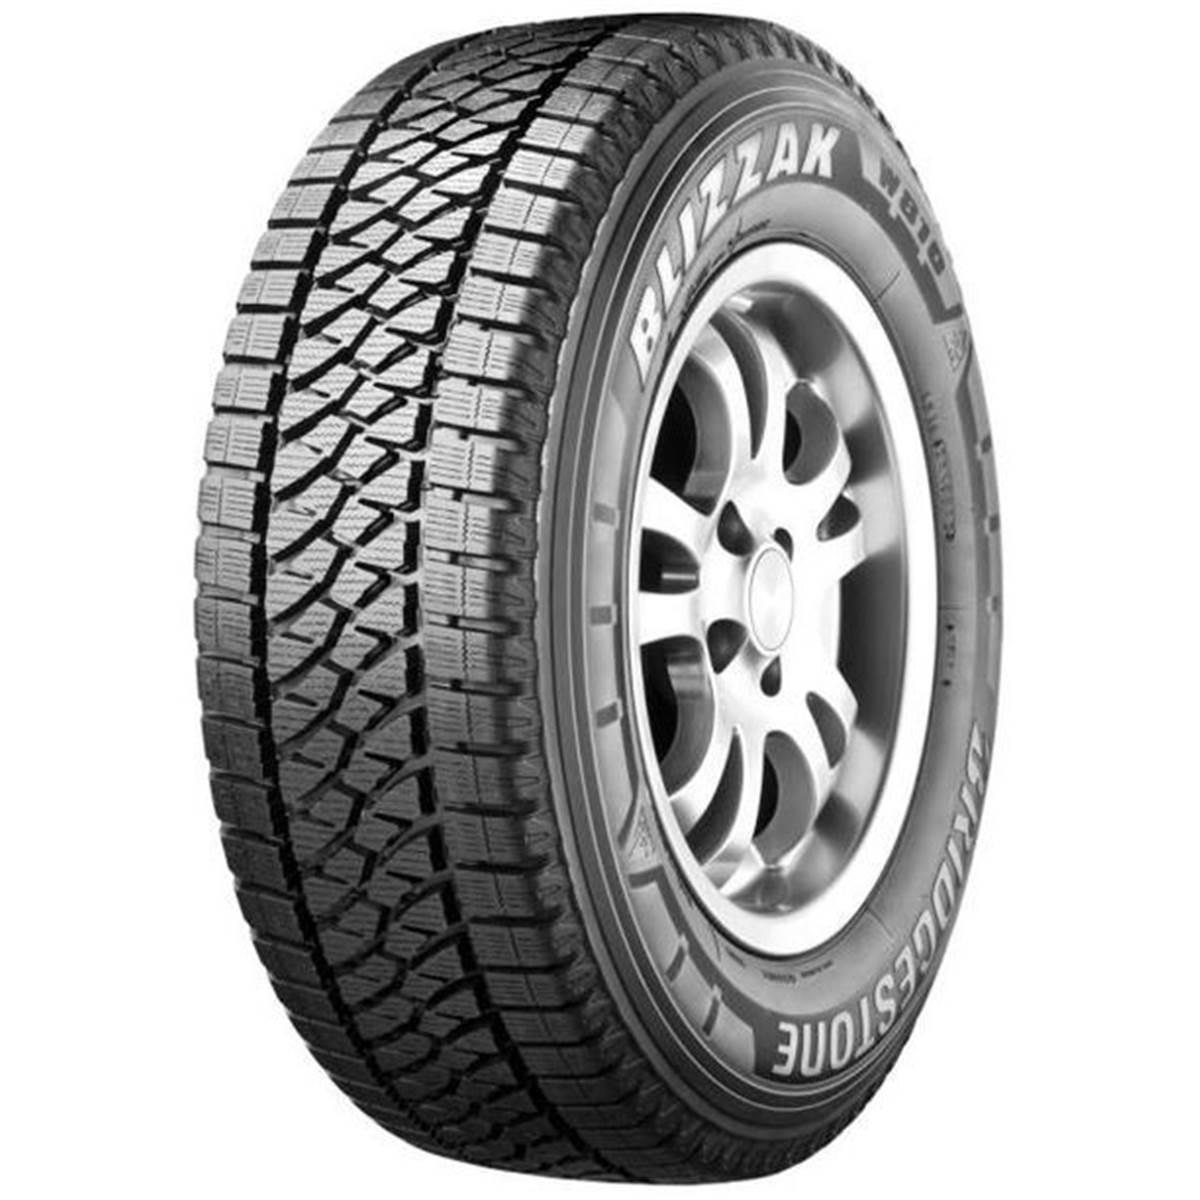 Pneu Bridgestone 195/65R16 104T